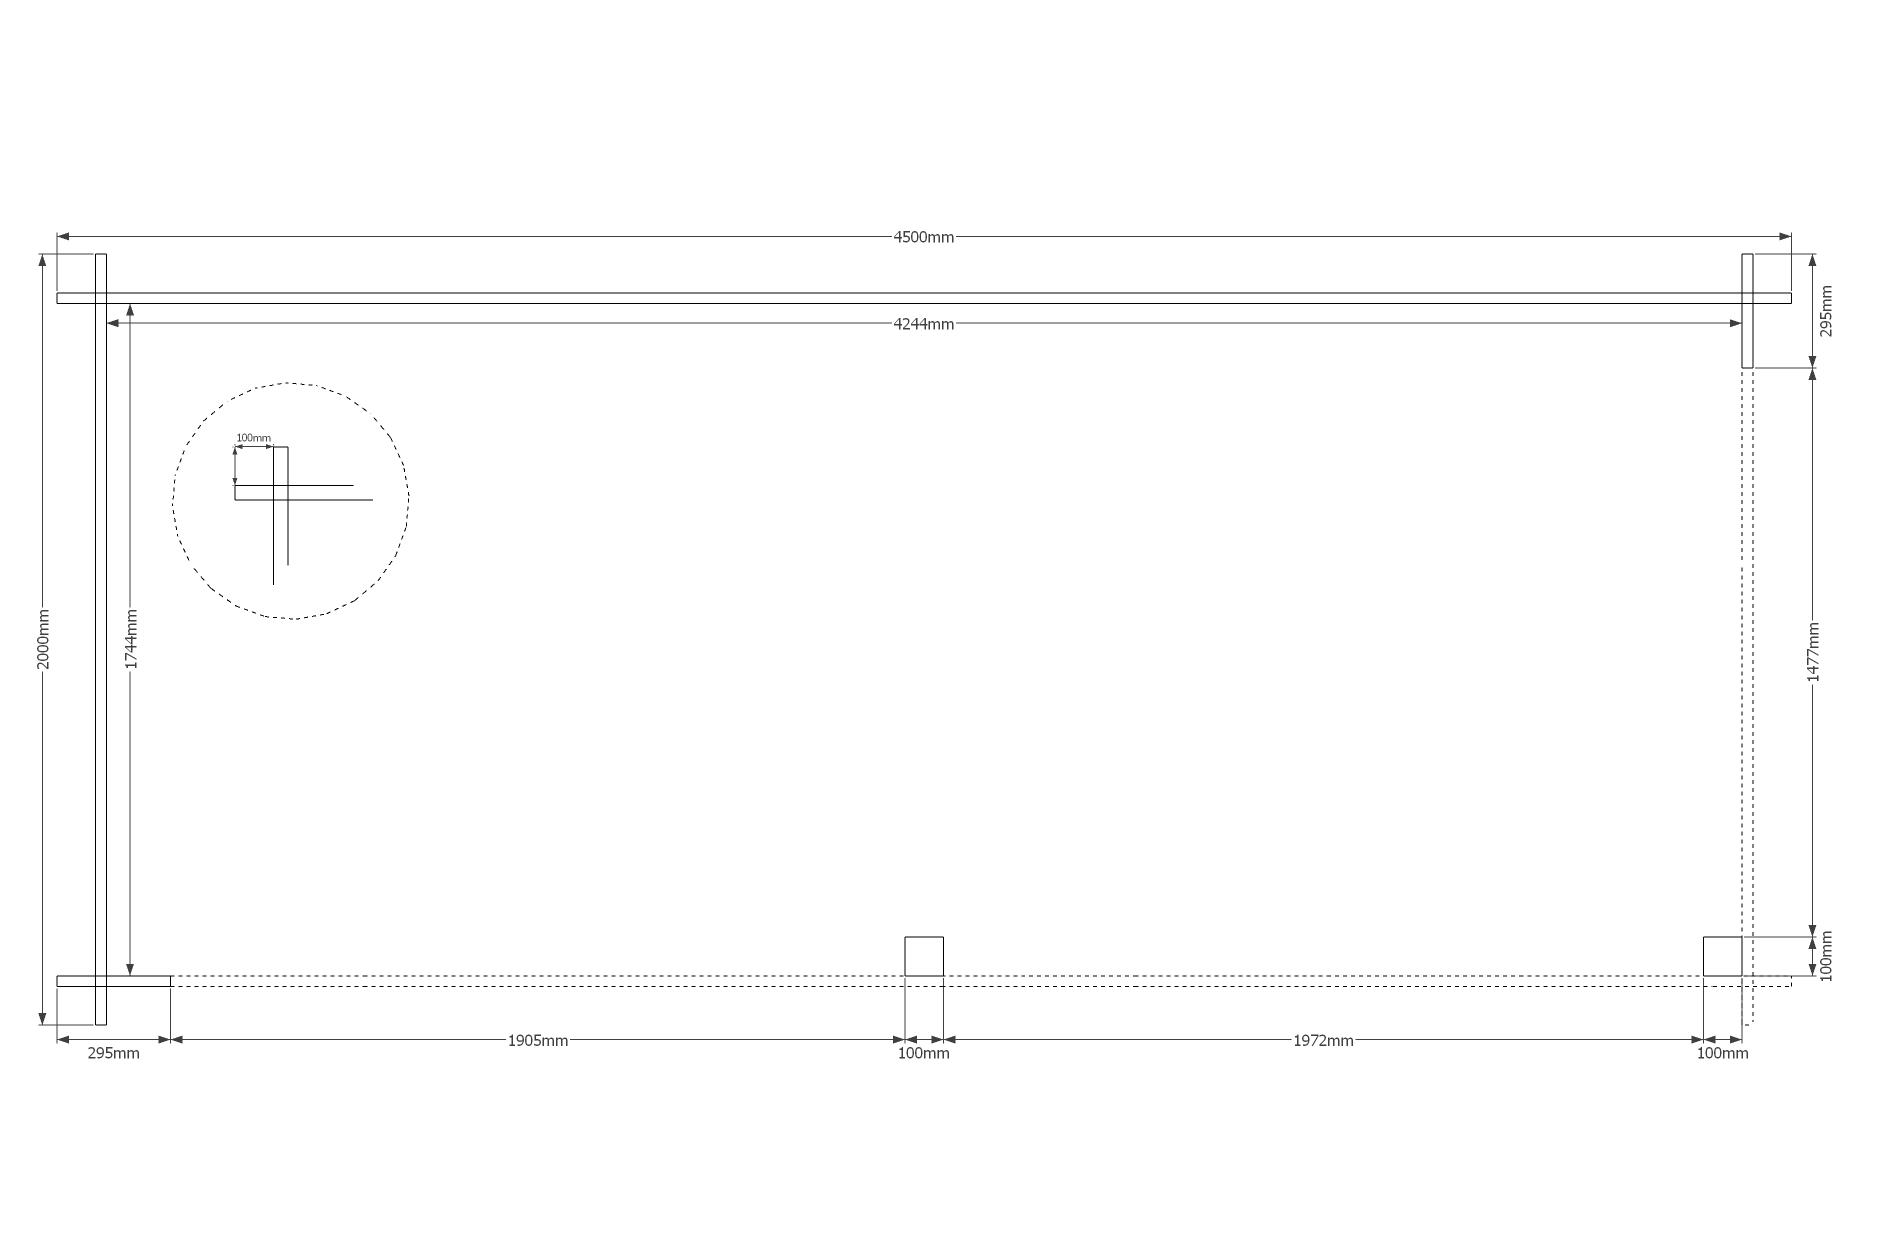 DWF Houten overkapping zadeldak 450 x 200cm